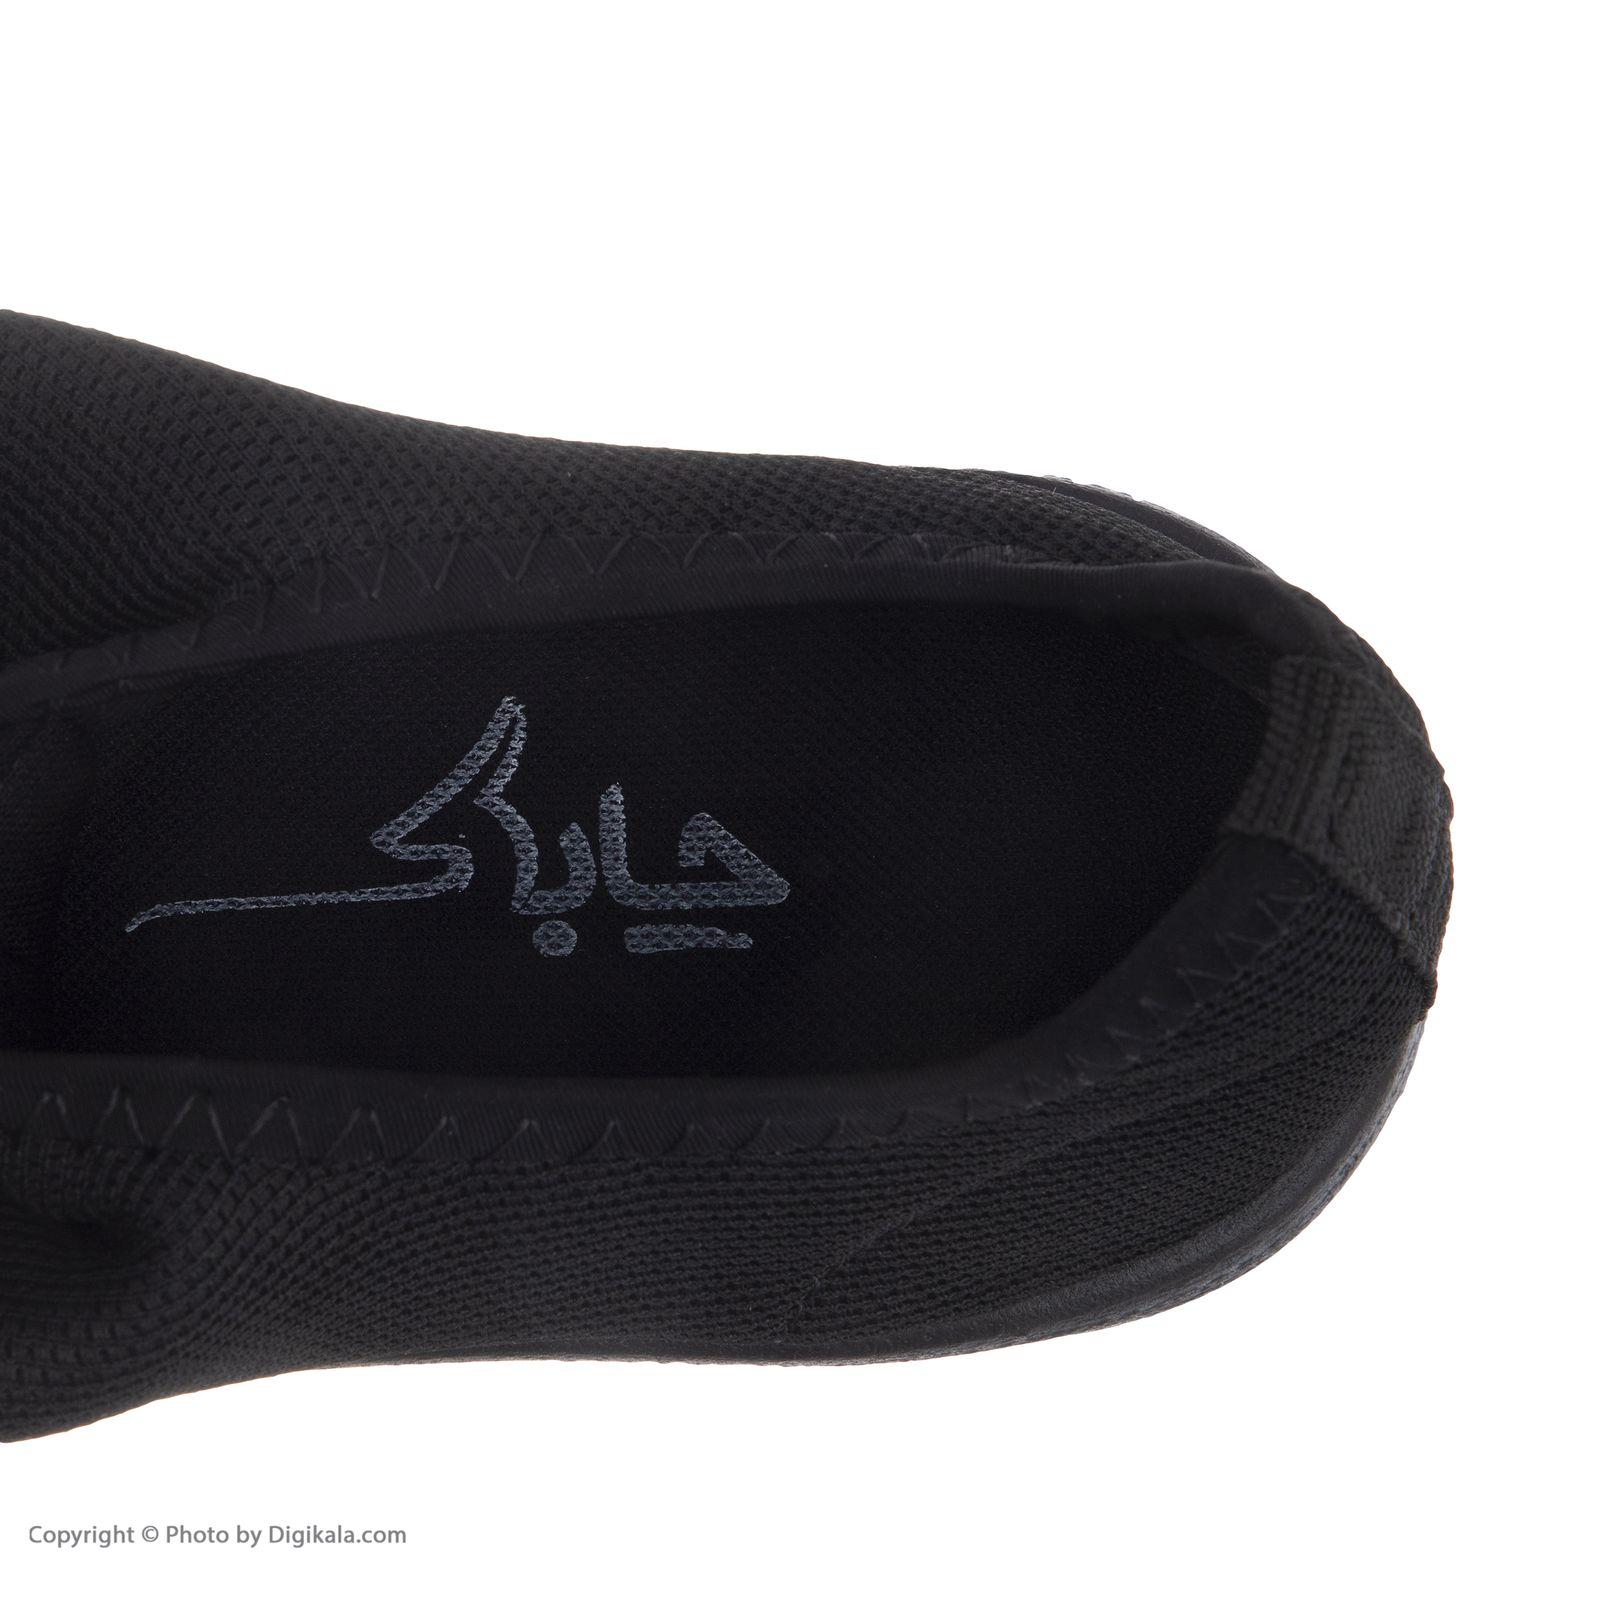 کفش راحتی چابک مدل رامش رنگ مشکی -  - 6